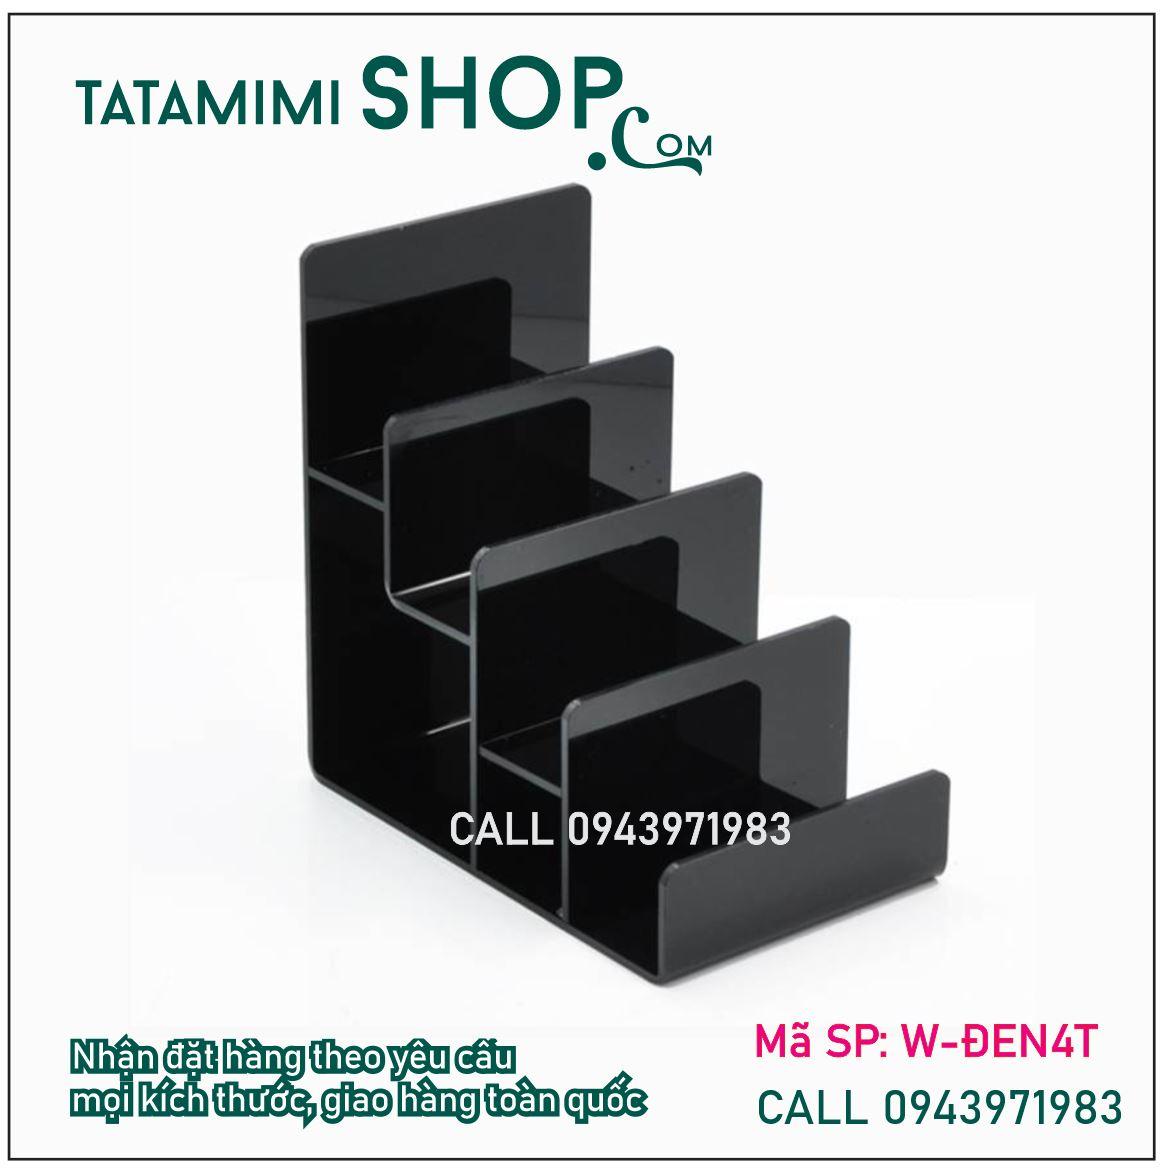 Kệ ví mica đen 4 tầng 2MM | TATAMIMISHOP.COM